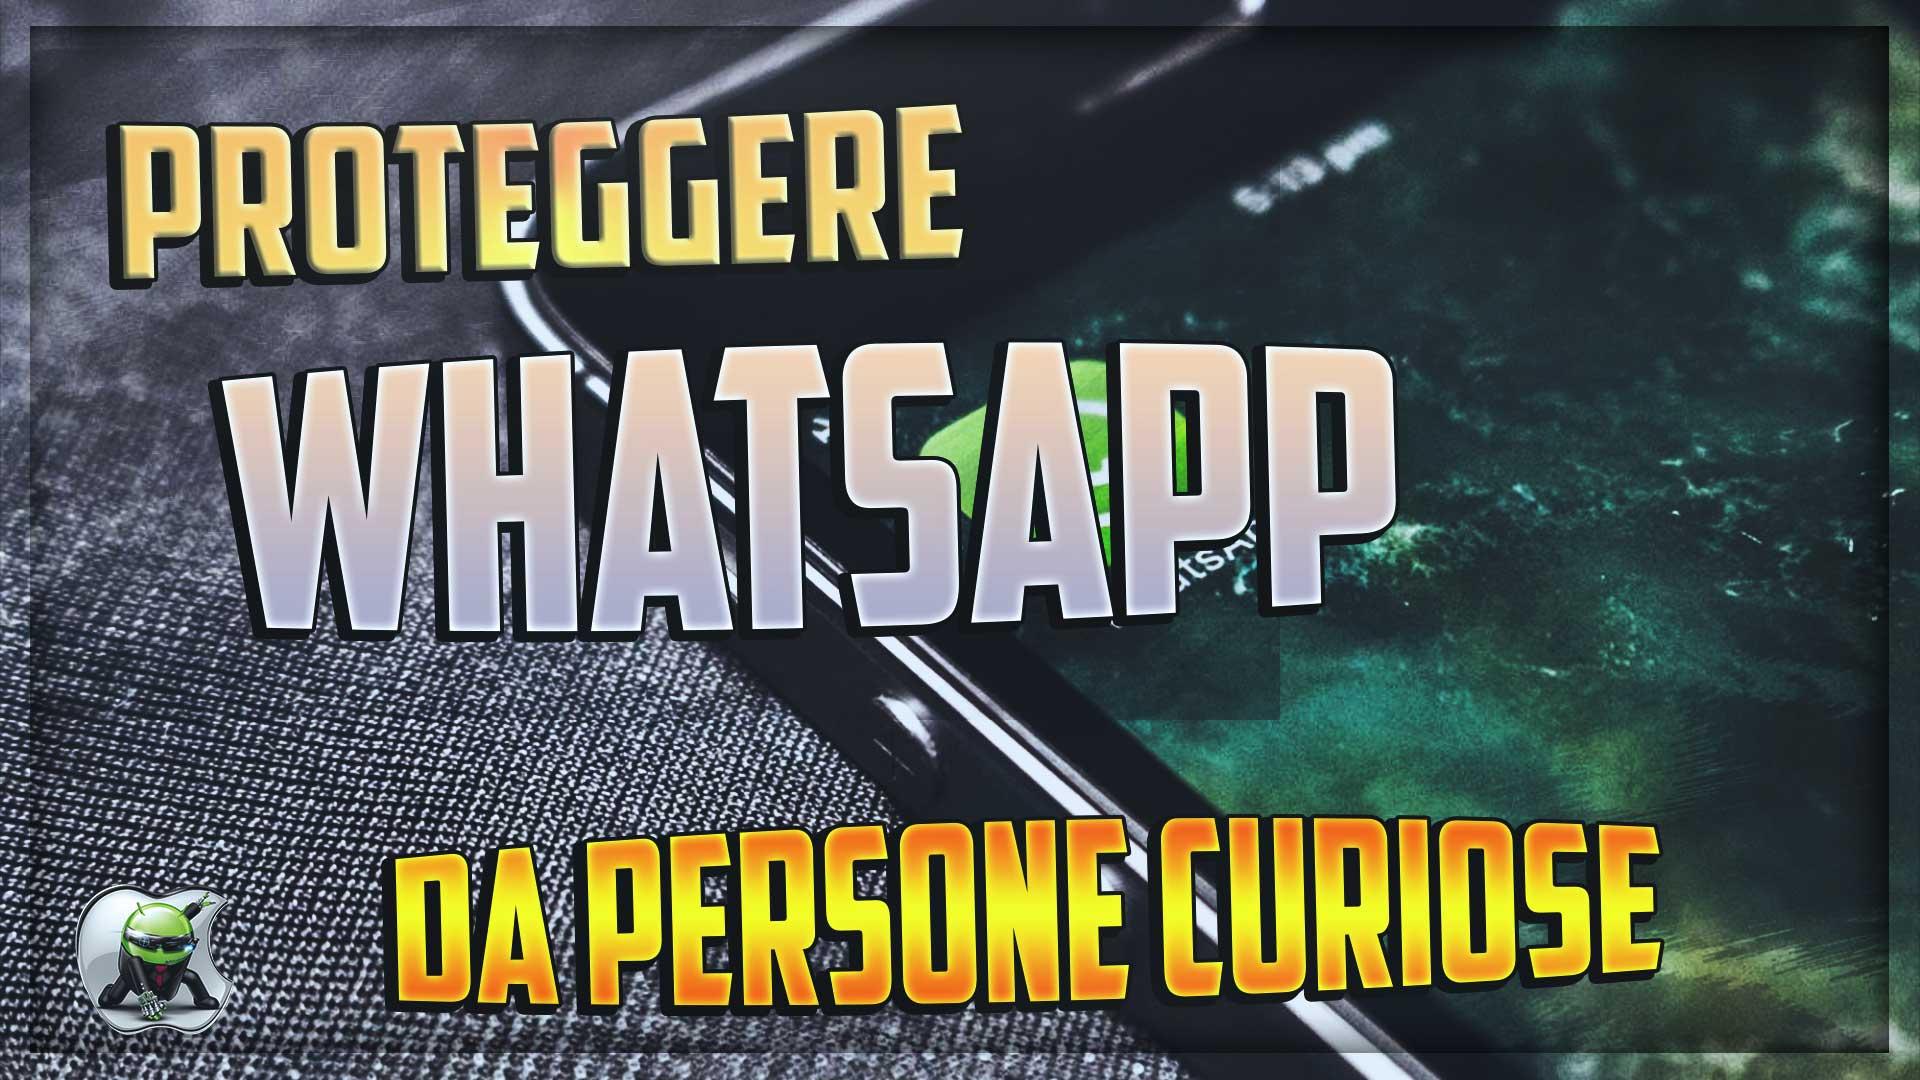 Fantastico Trucco per proteggere WhatsApp da persone curiose